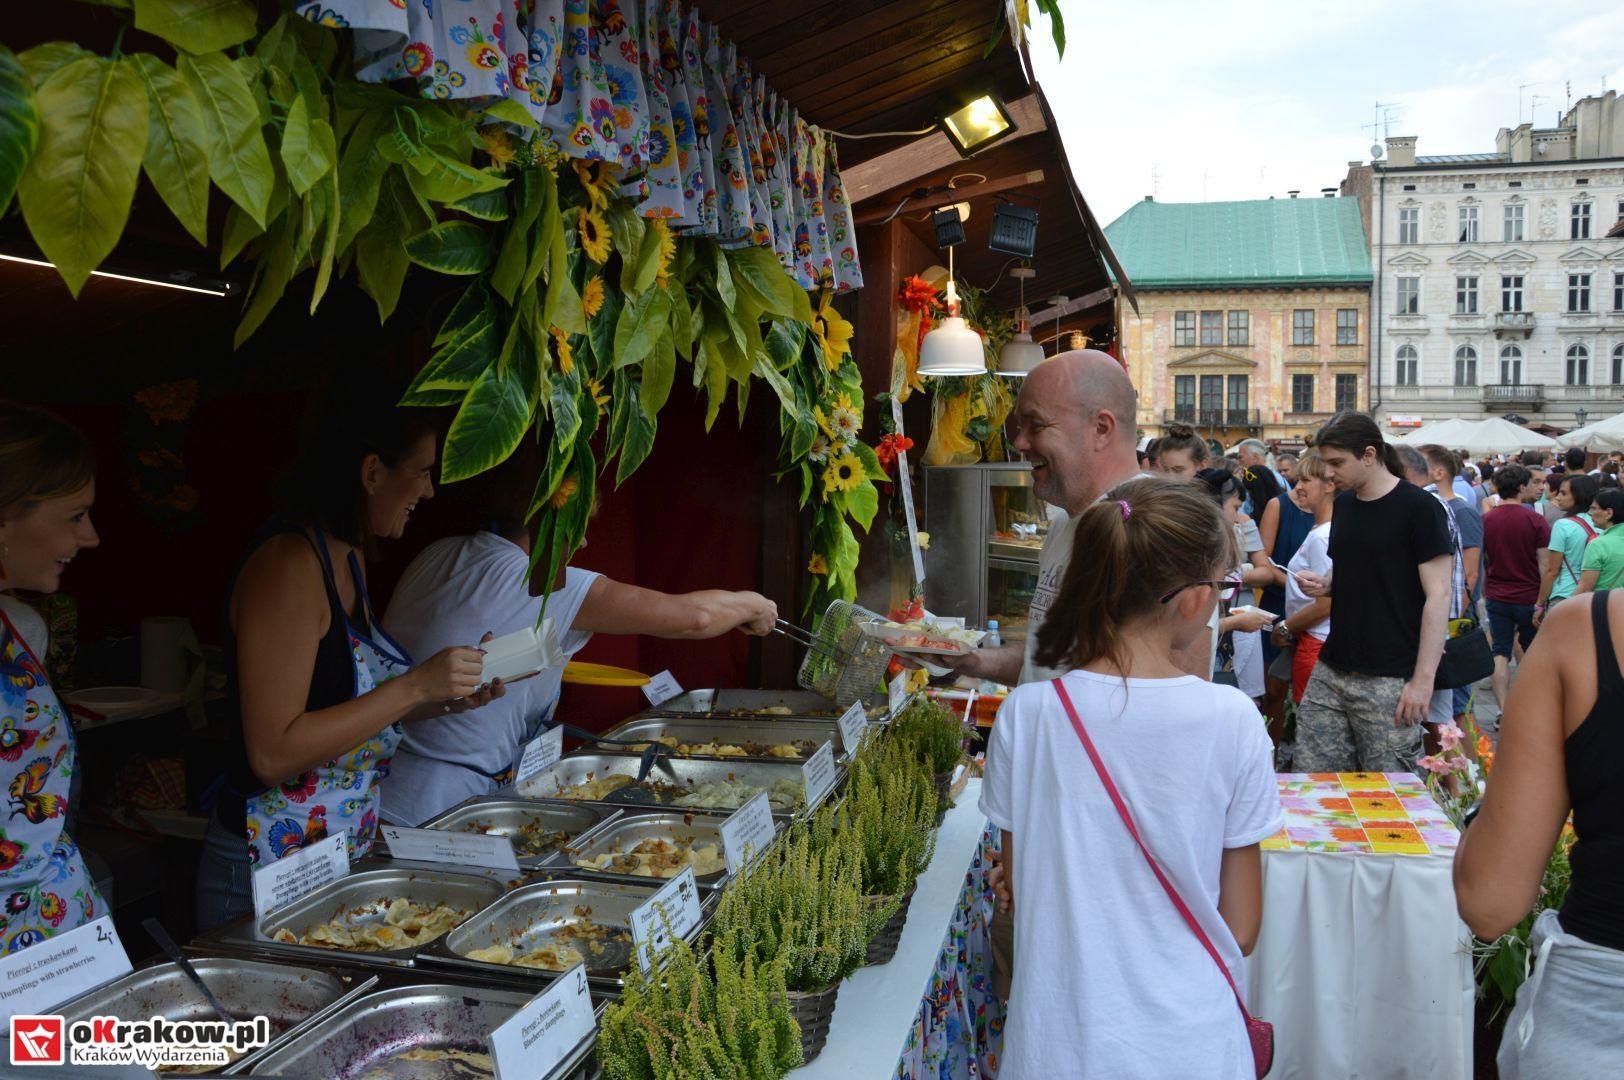 krakow festiwal pierogow maly rynek koncert cheap tobacco 5 150x150 - Galeria zdjęć Festiwal Pierogów Kraków 2018 + zdjęcia z koncertu Cheap Tobacco